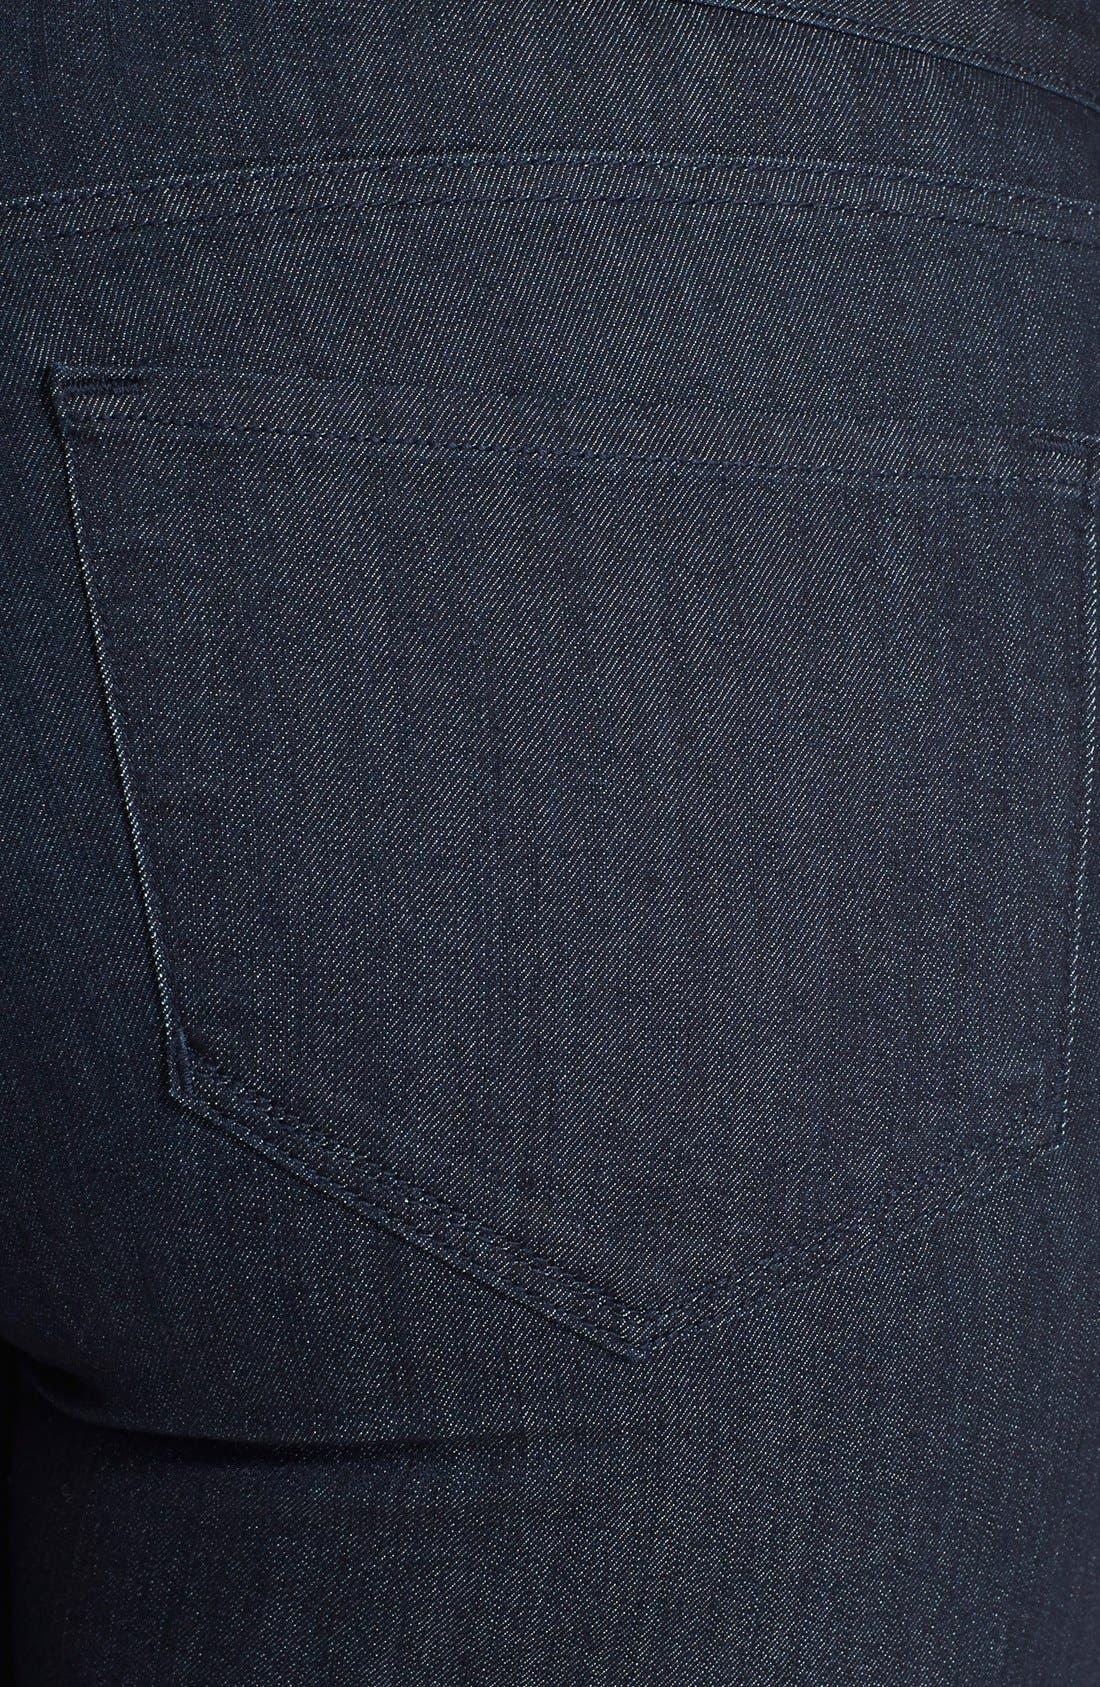 Alternate Image 3  - NYDJ 'Ami' Tonal Stitch Stretch Skinny Jeans (Dark Enzyme) (Plus Size)